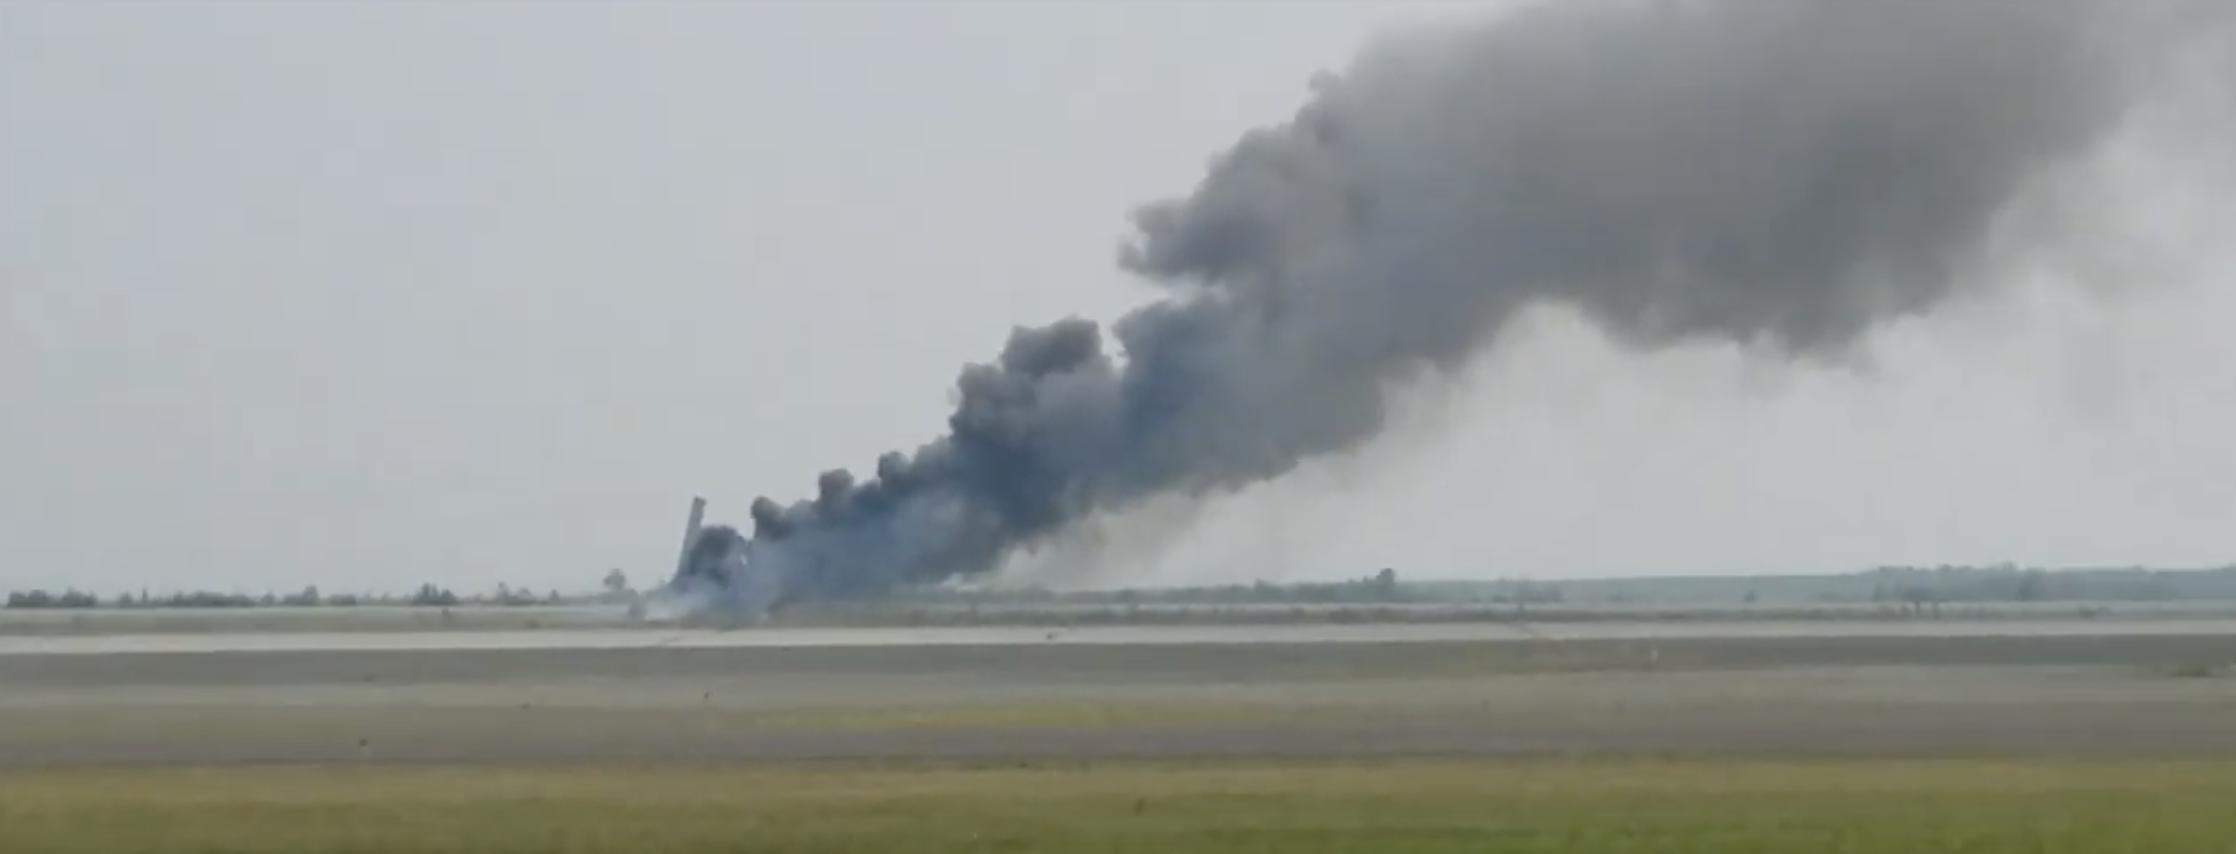 Video: Grant Aviation Plane Crashes On Bethel Runway | KYUK